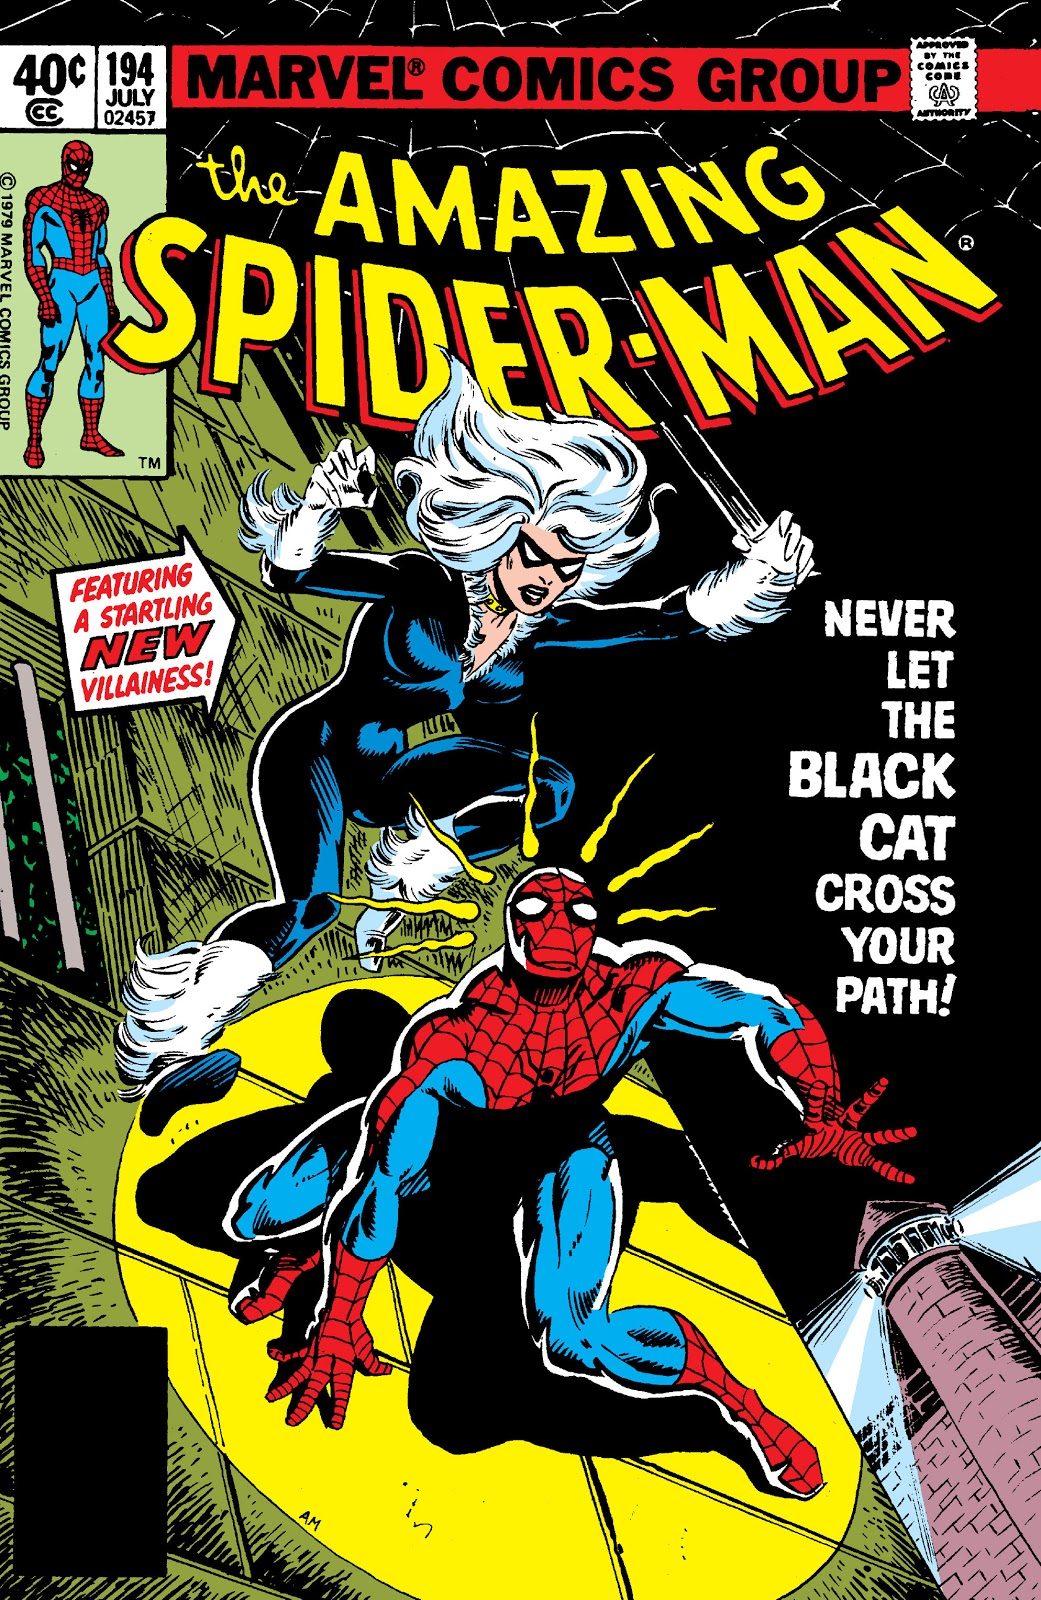 Amazing Spider-Man #194